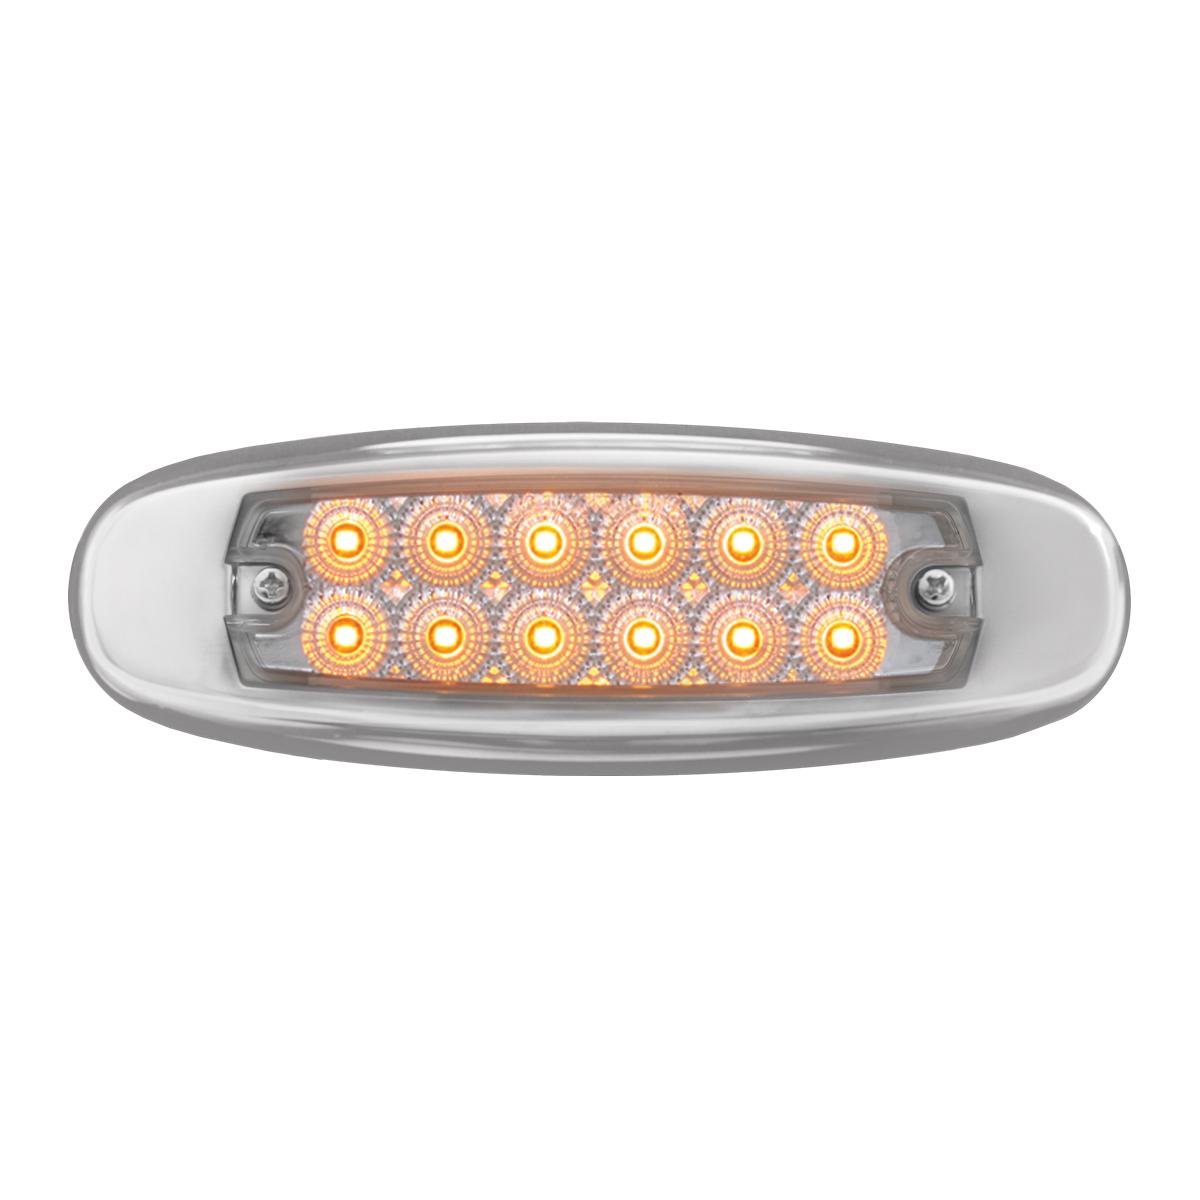 78566 Ultra Thin Spyder LED Marker Light w/ Stainless Steel Bezel